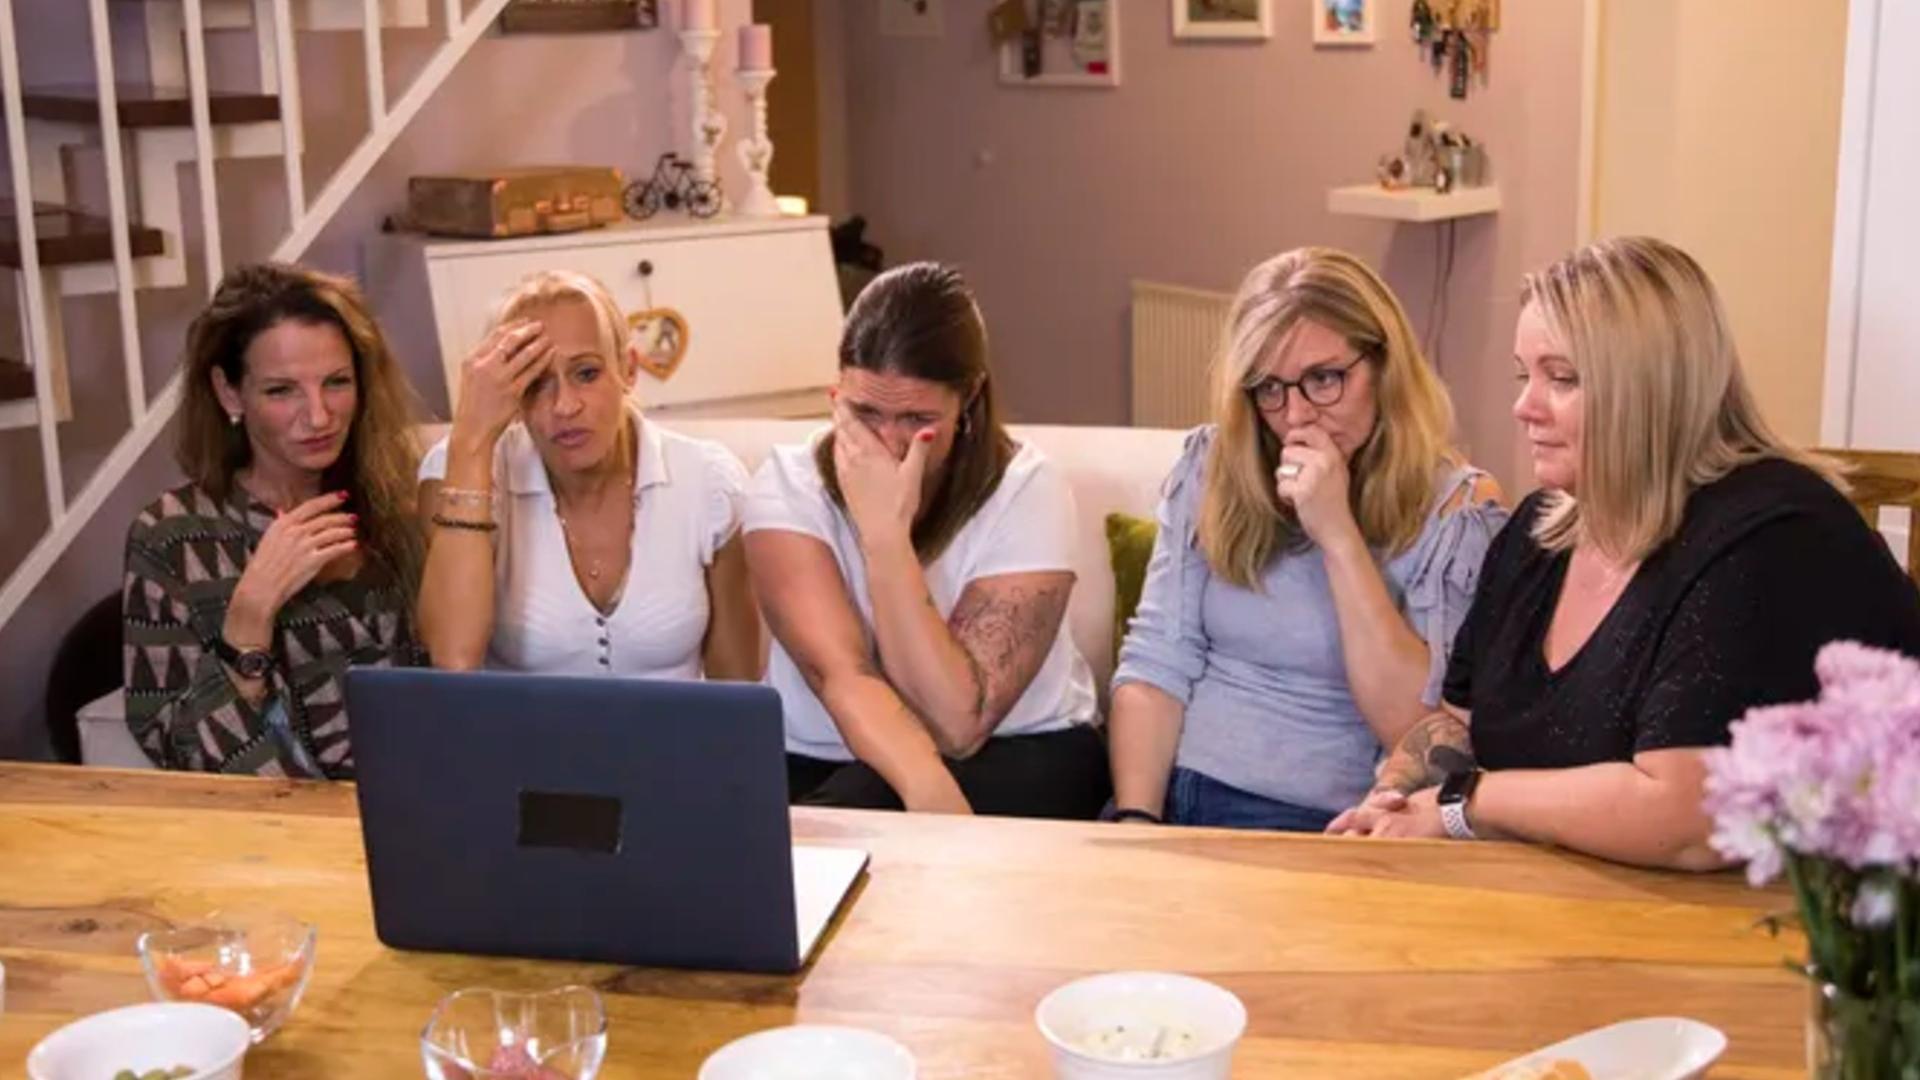 TV-Sendung Doku über 5 Mütter, die für ihre Teenie-Kids einen realistischen Porno drehen